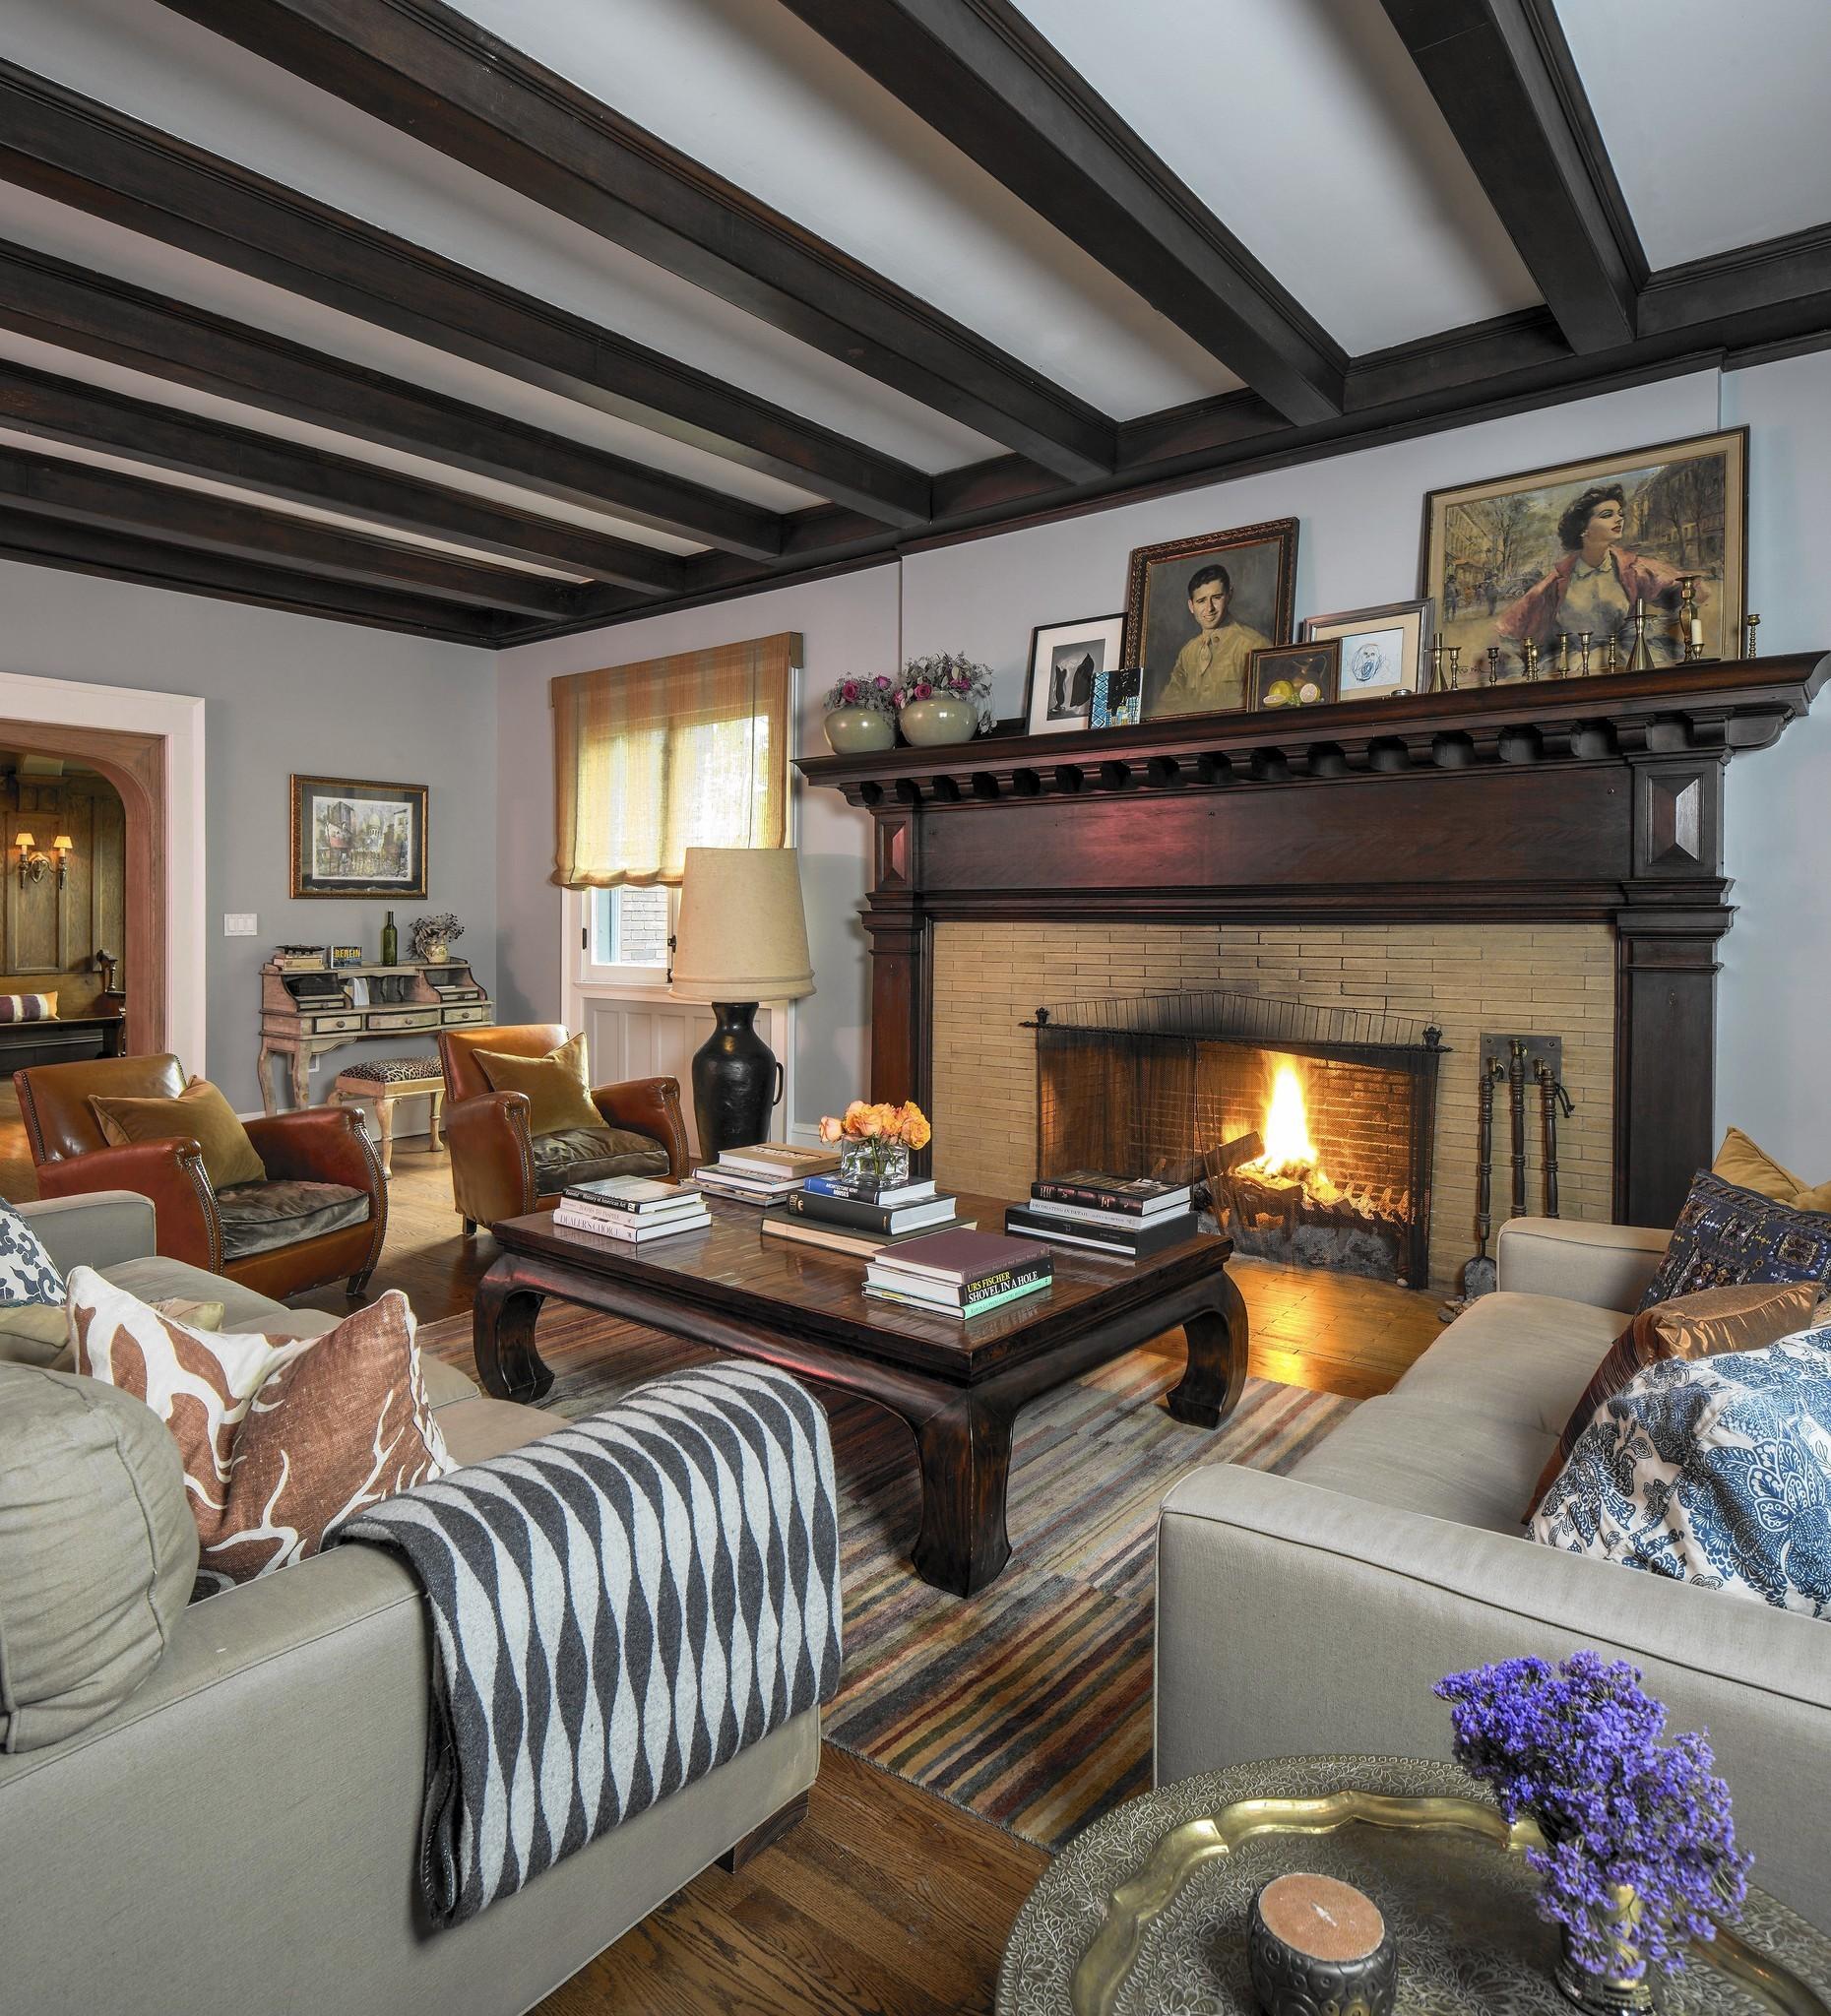 frank lloyd wright home in elmhurst listed for 1 1 million